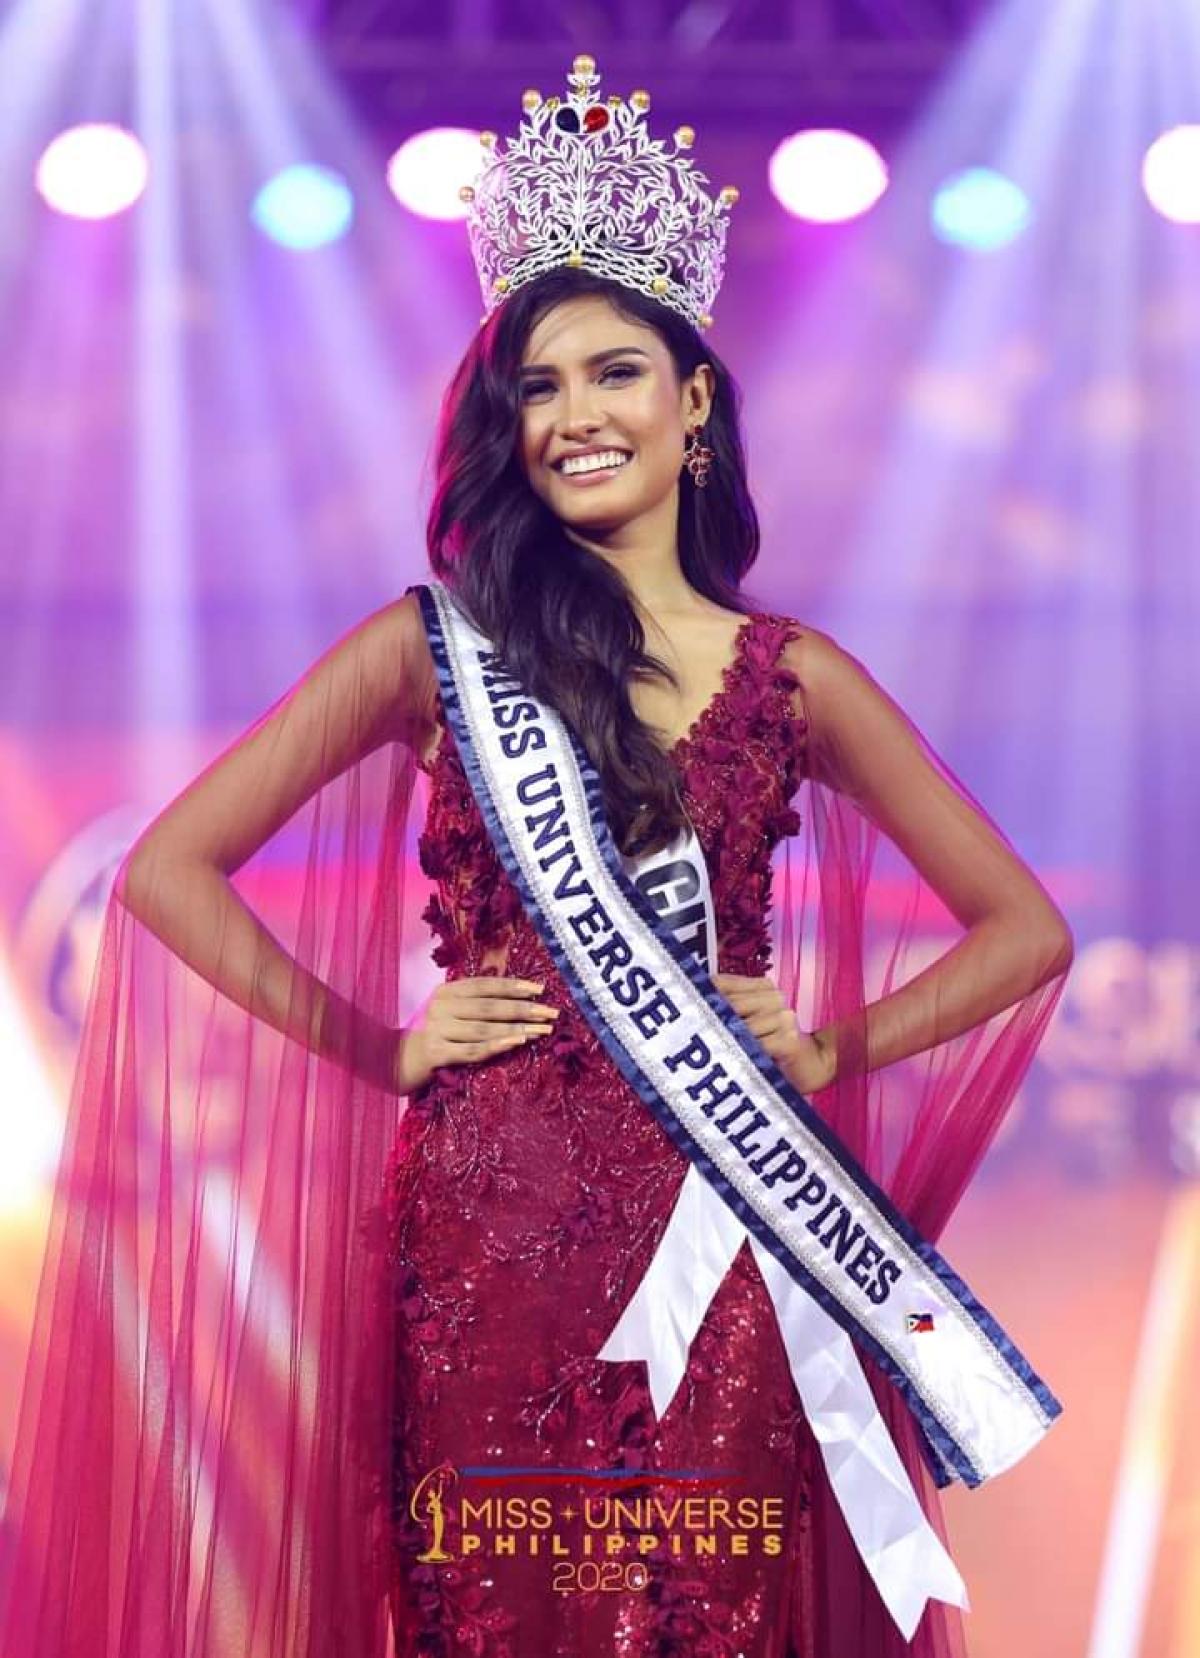 Chung kết cuộc thi Miss Universe Philippines 2020 - Hoa hậu Hoàn vũ Philippines vừa khép lại với chiến thắng thuộc về người đẹp Rabiya Mateo đến từ Iloilo City.